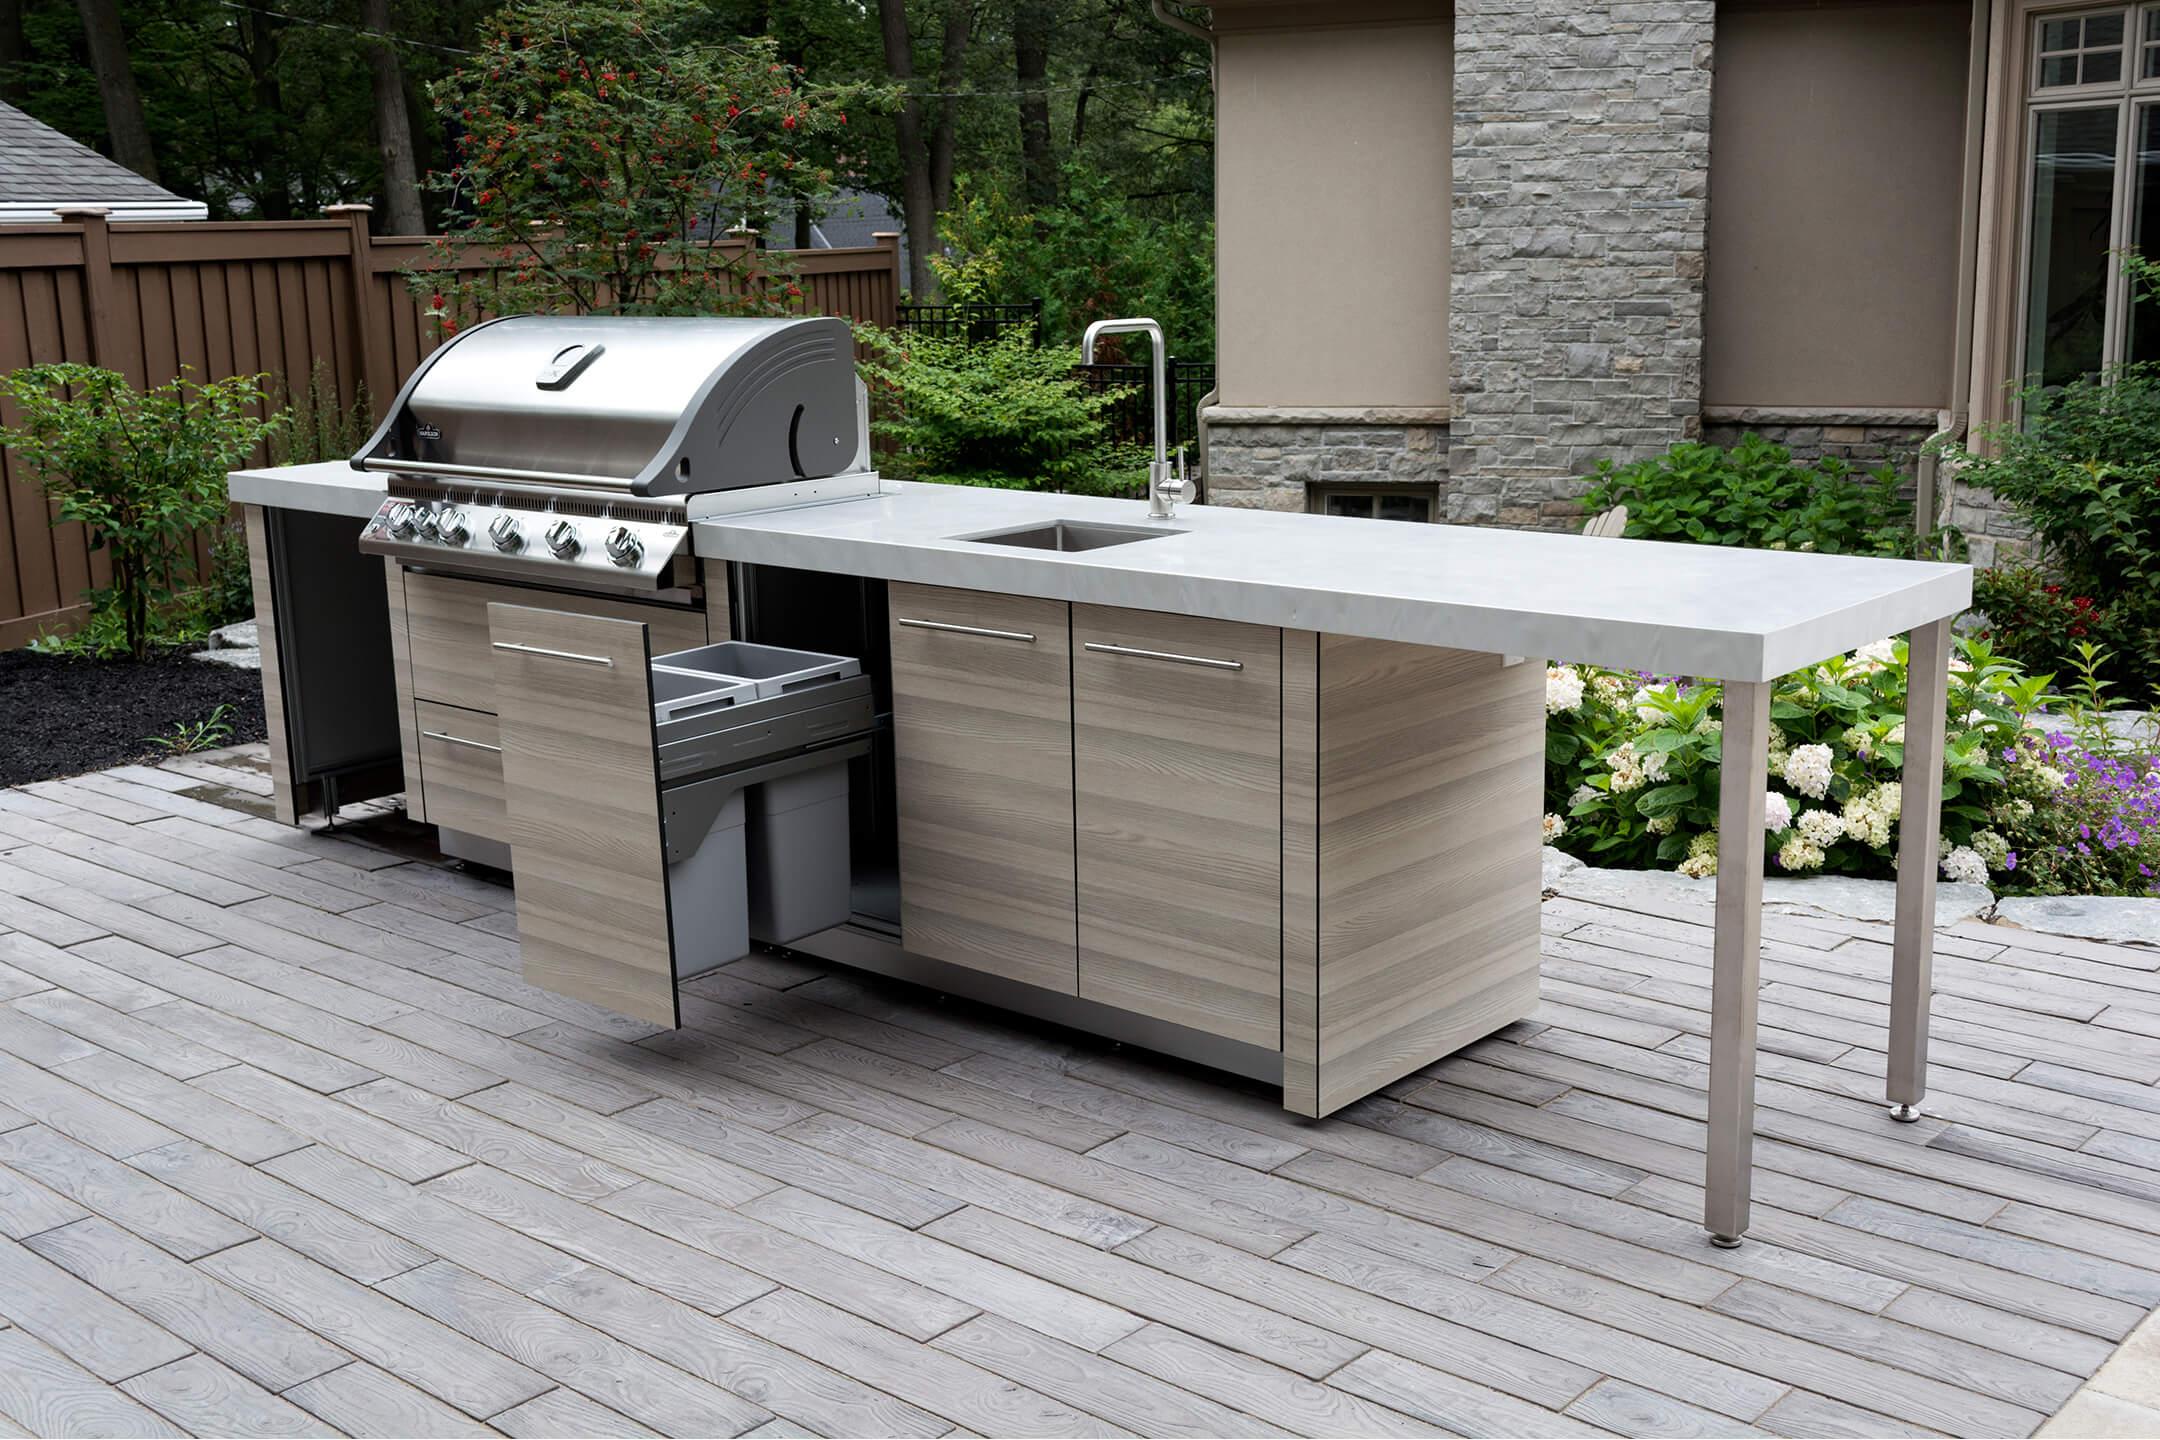 Garden Living Outdoor Kitchens - 8.jpg